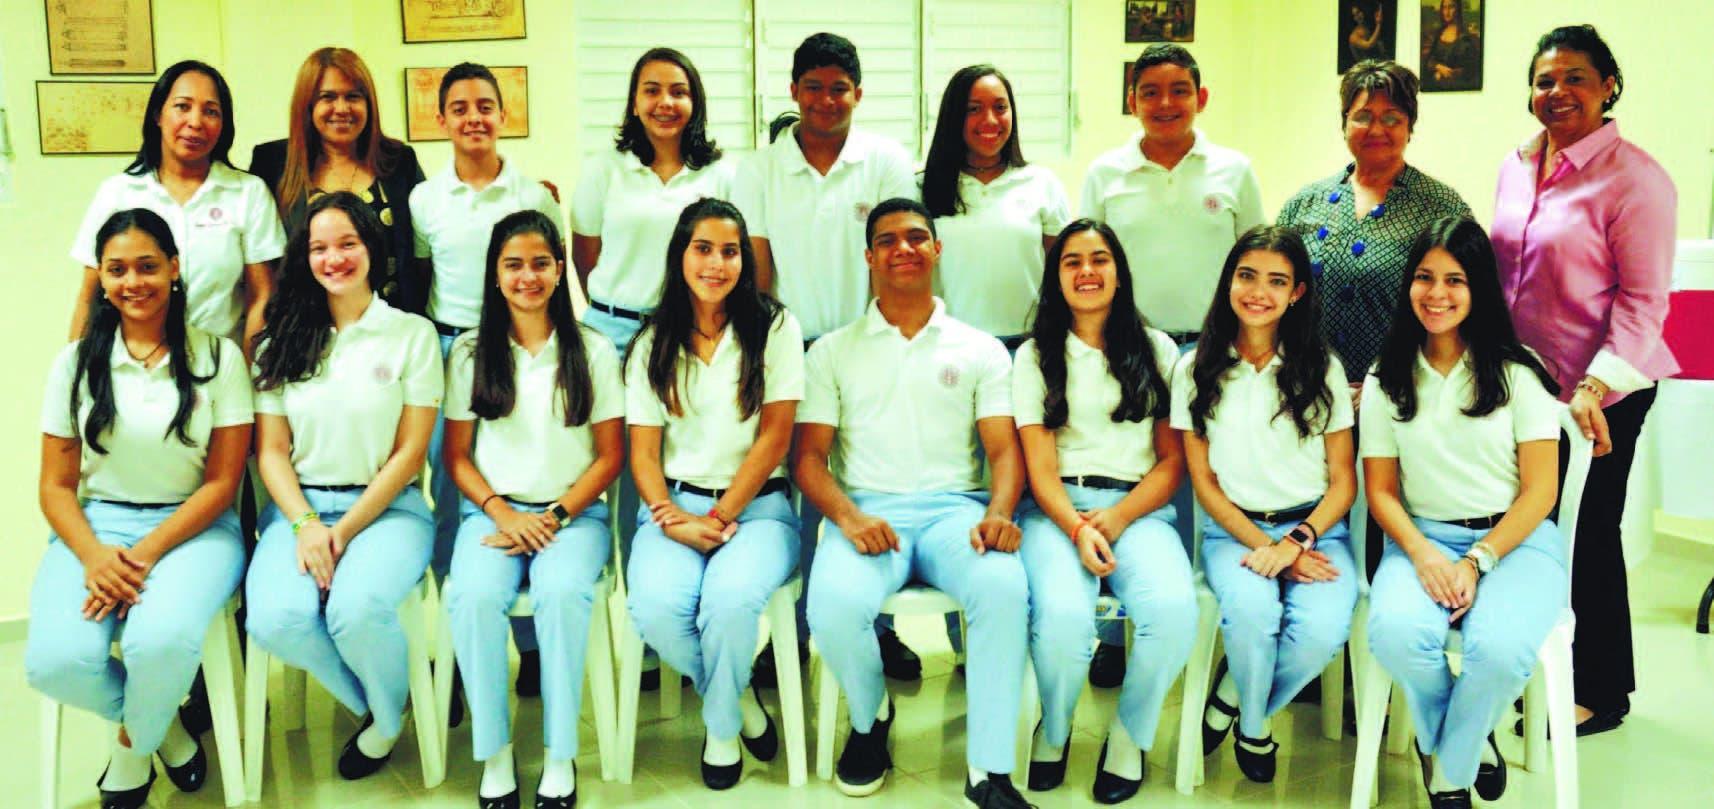 Estudiantes del Instituto Leonardo Da Vinci, de Santiago, contaron a La Esquina Joven de Hoy su experiencia luego de participar en el concurso de ensayos, el cual les permitió descubrir su pasión por la escritura.